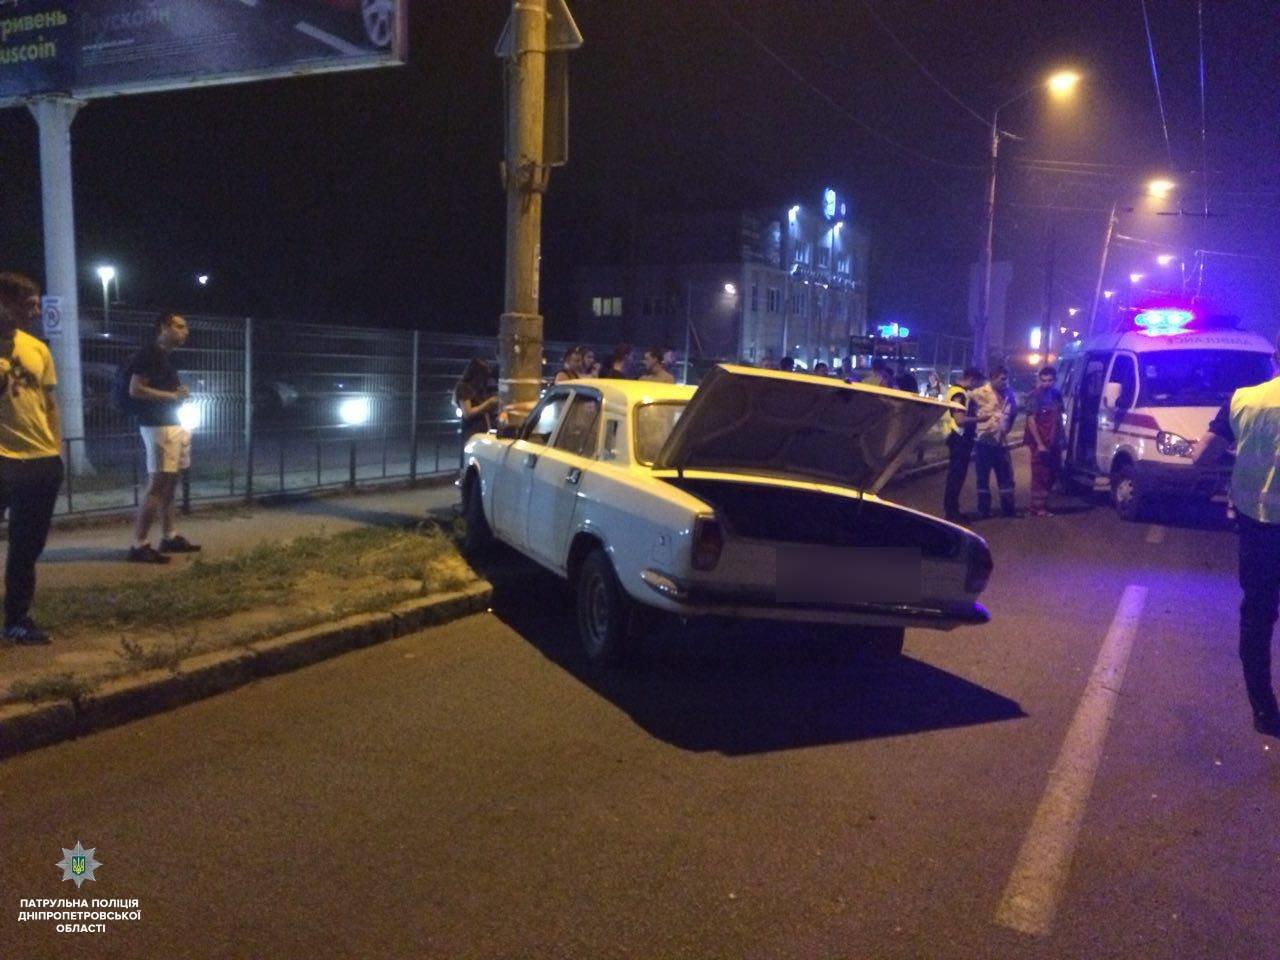 ДТП в Днепре: за один вечер произошло две смертельных аварии, - ФОТО, фото-3